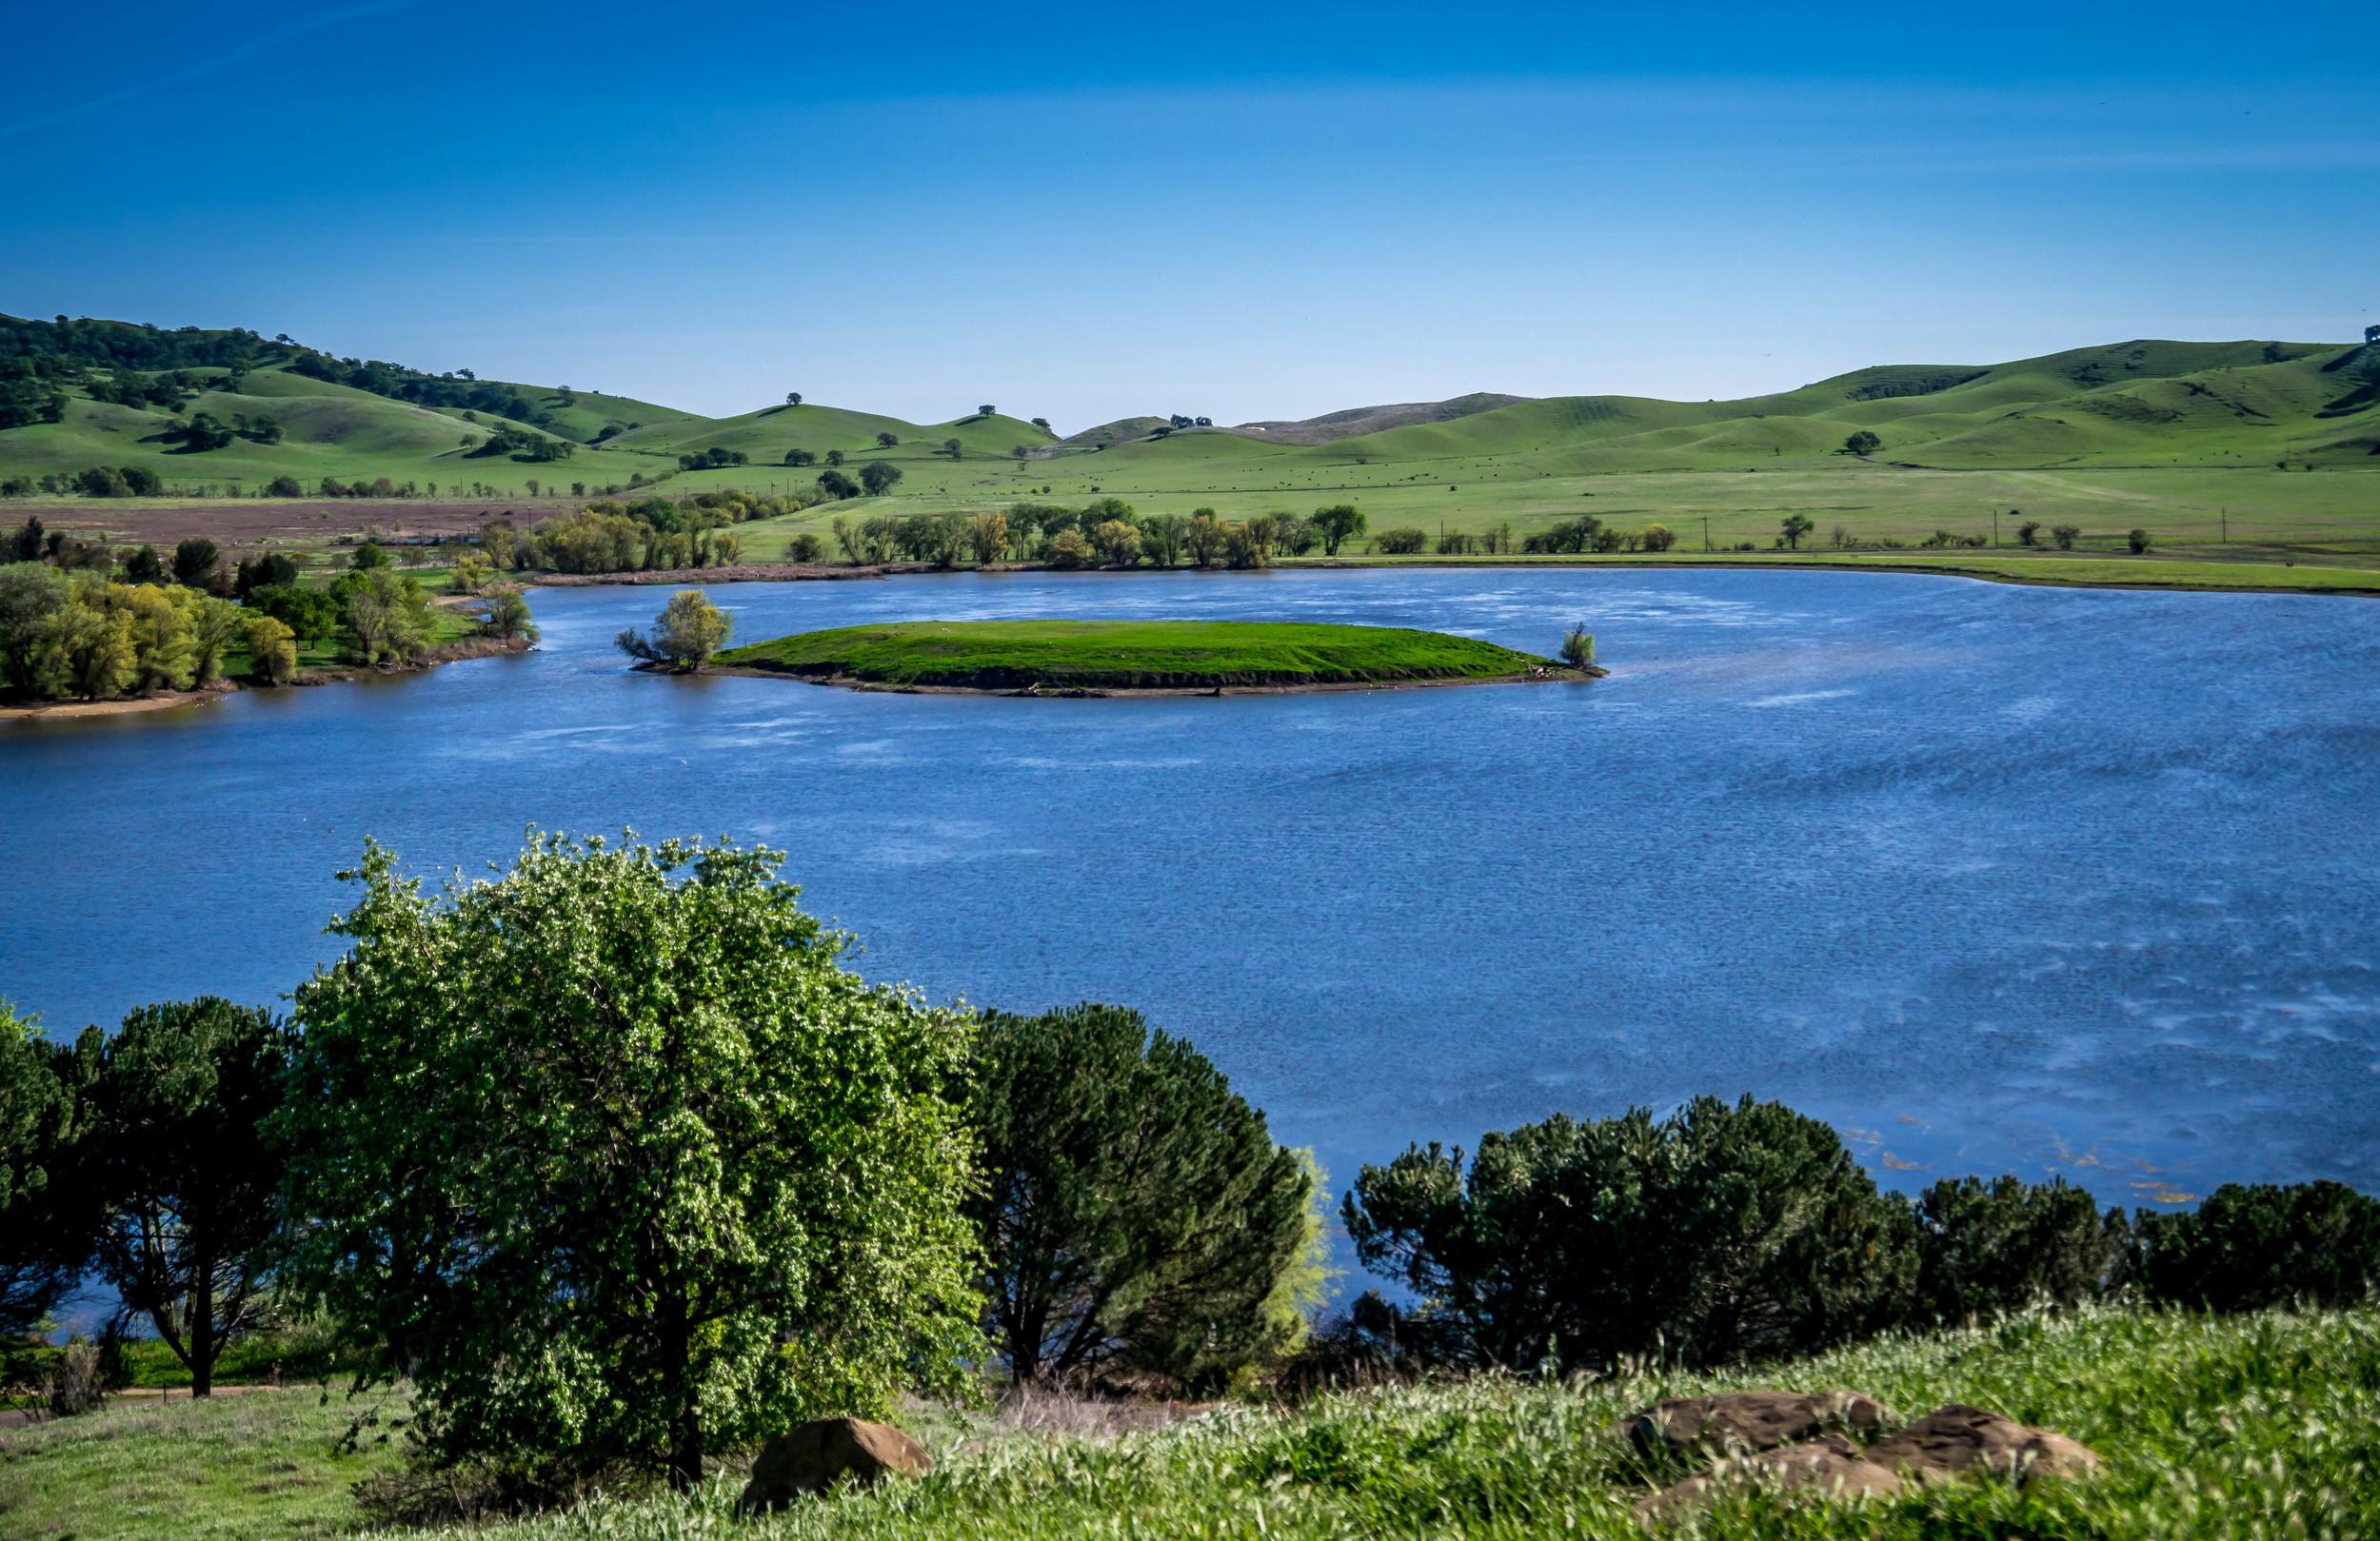 The Emerald Isle in the Lagoon